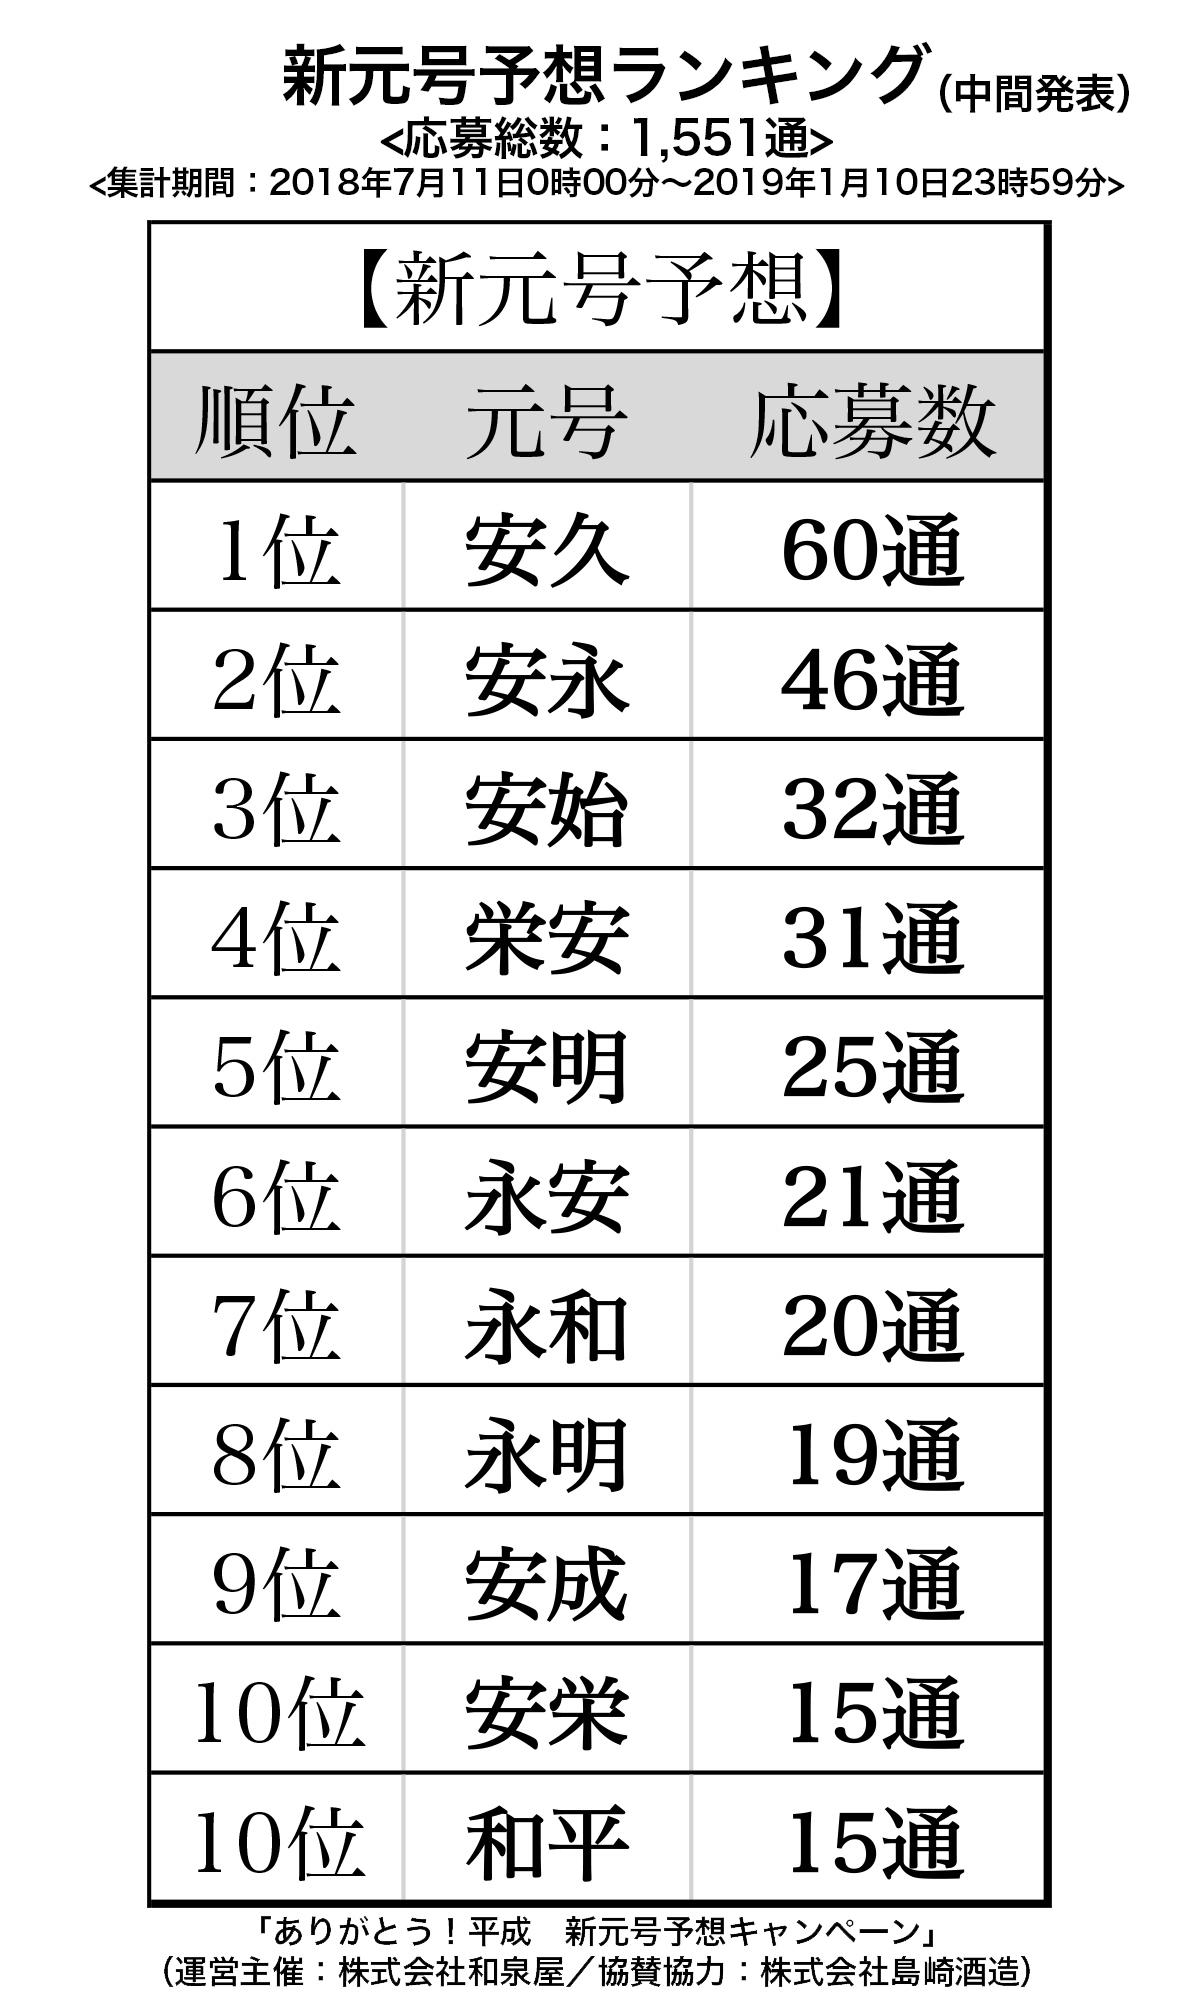 新元号予想ランキング中間発表!予想1位は、\u201c安久\u201d、1番人気の漢字は、\u201c安\u201d|株式会社和泉屋のプレスリリース